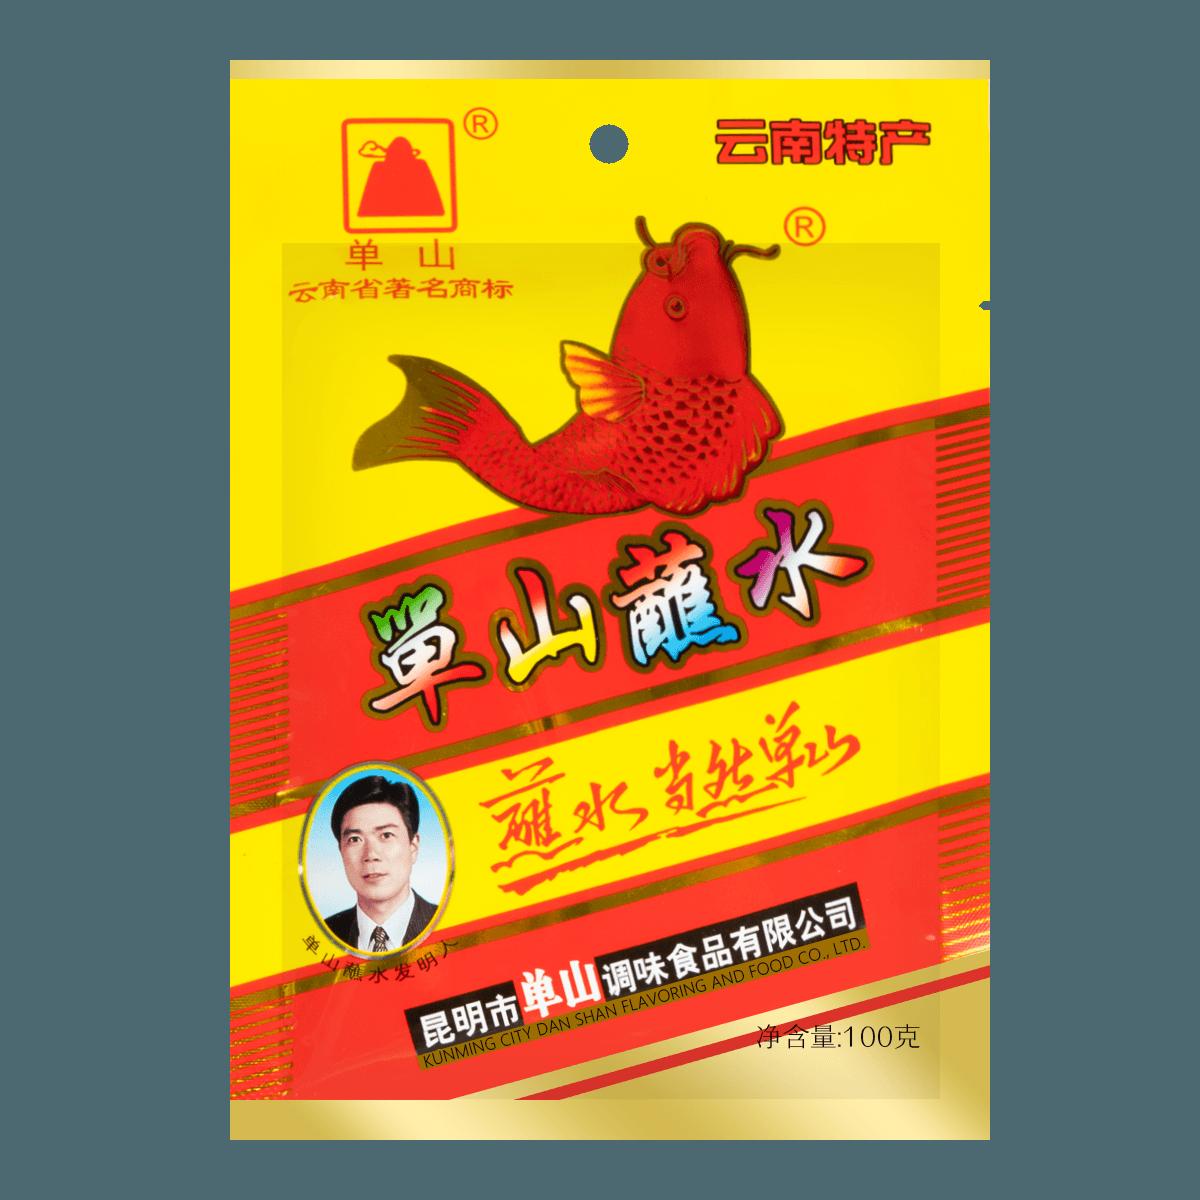 单山 单山蘸水 云南特产 (辣椒面)100g 怎么样 - 亚米网